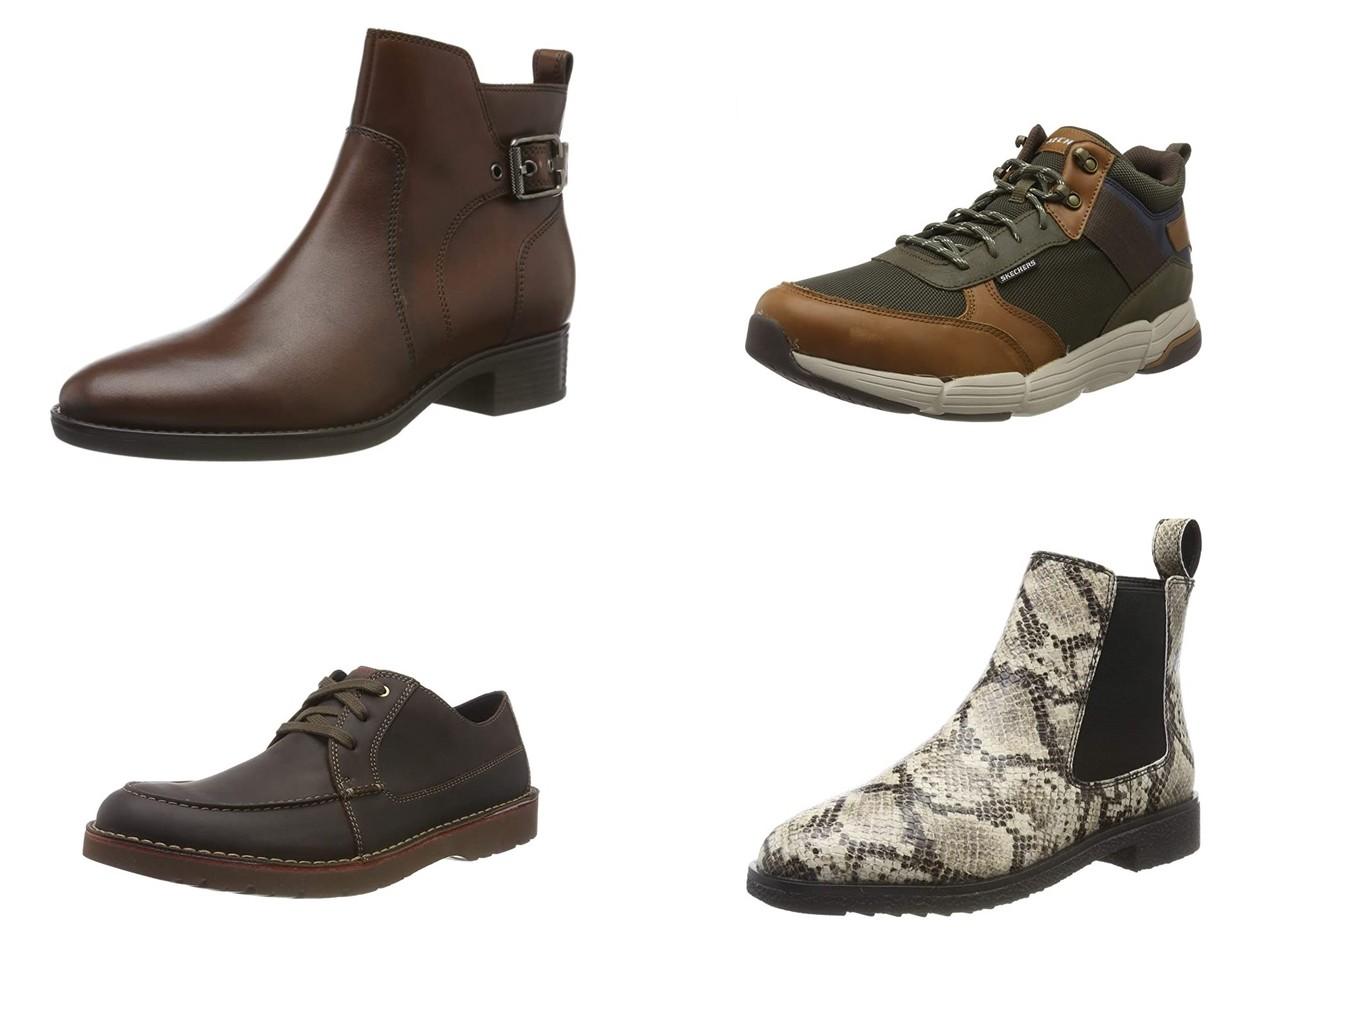 Chollos en tallas sueltas de botas y zapatos de marcas como